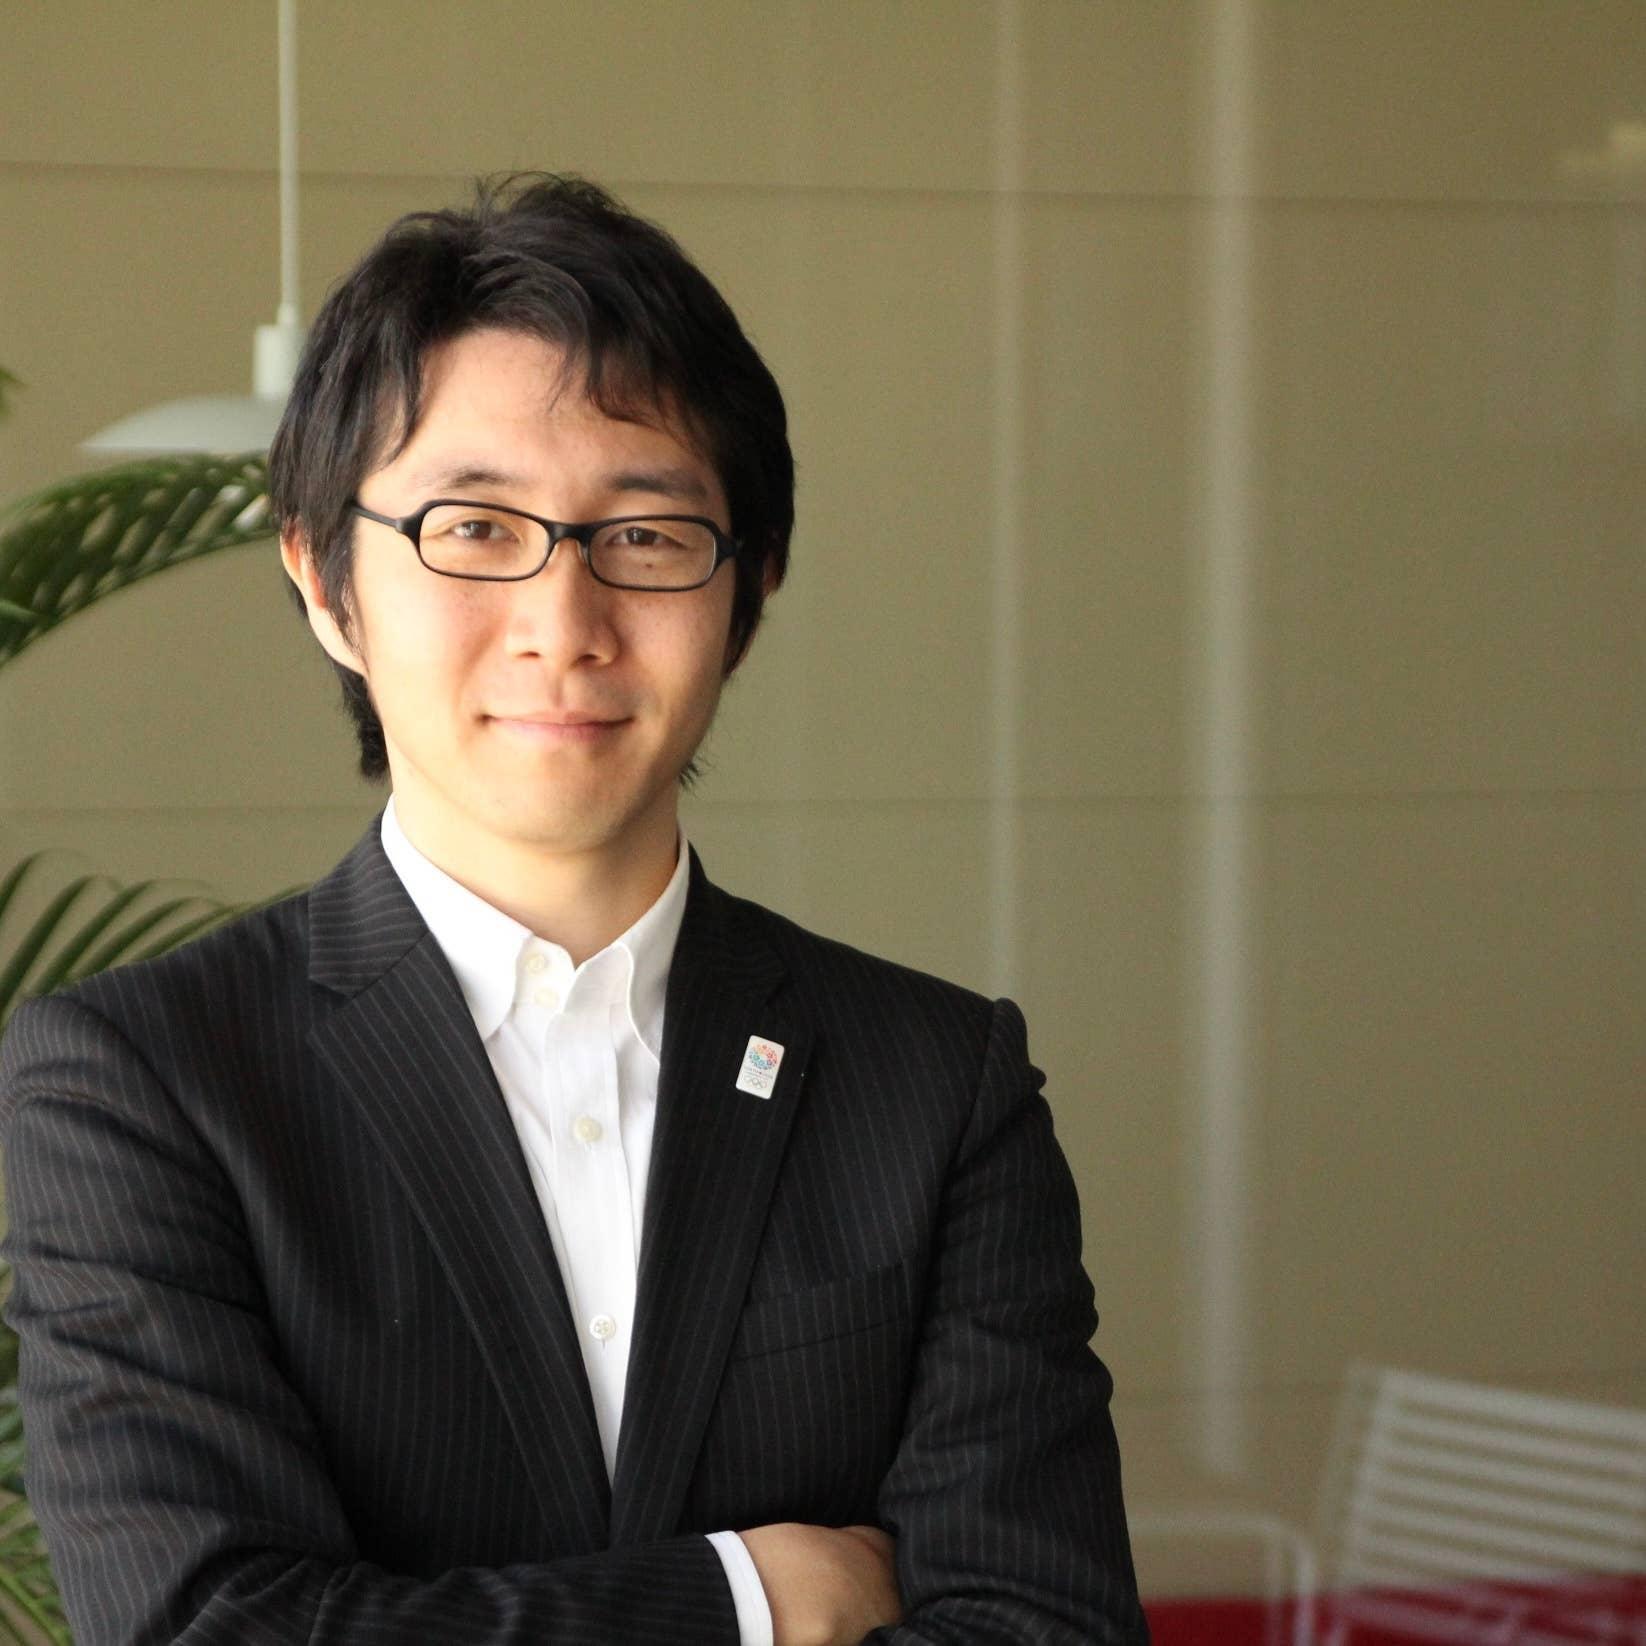 Shingo Inoue